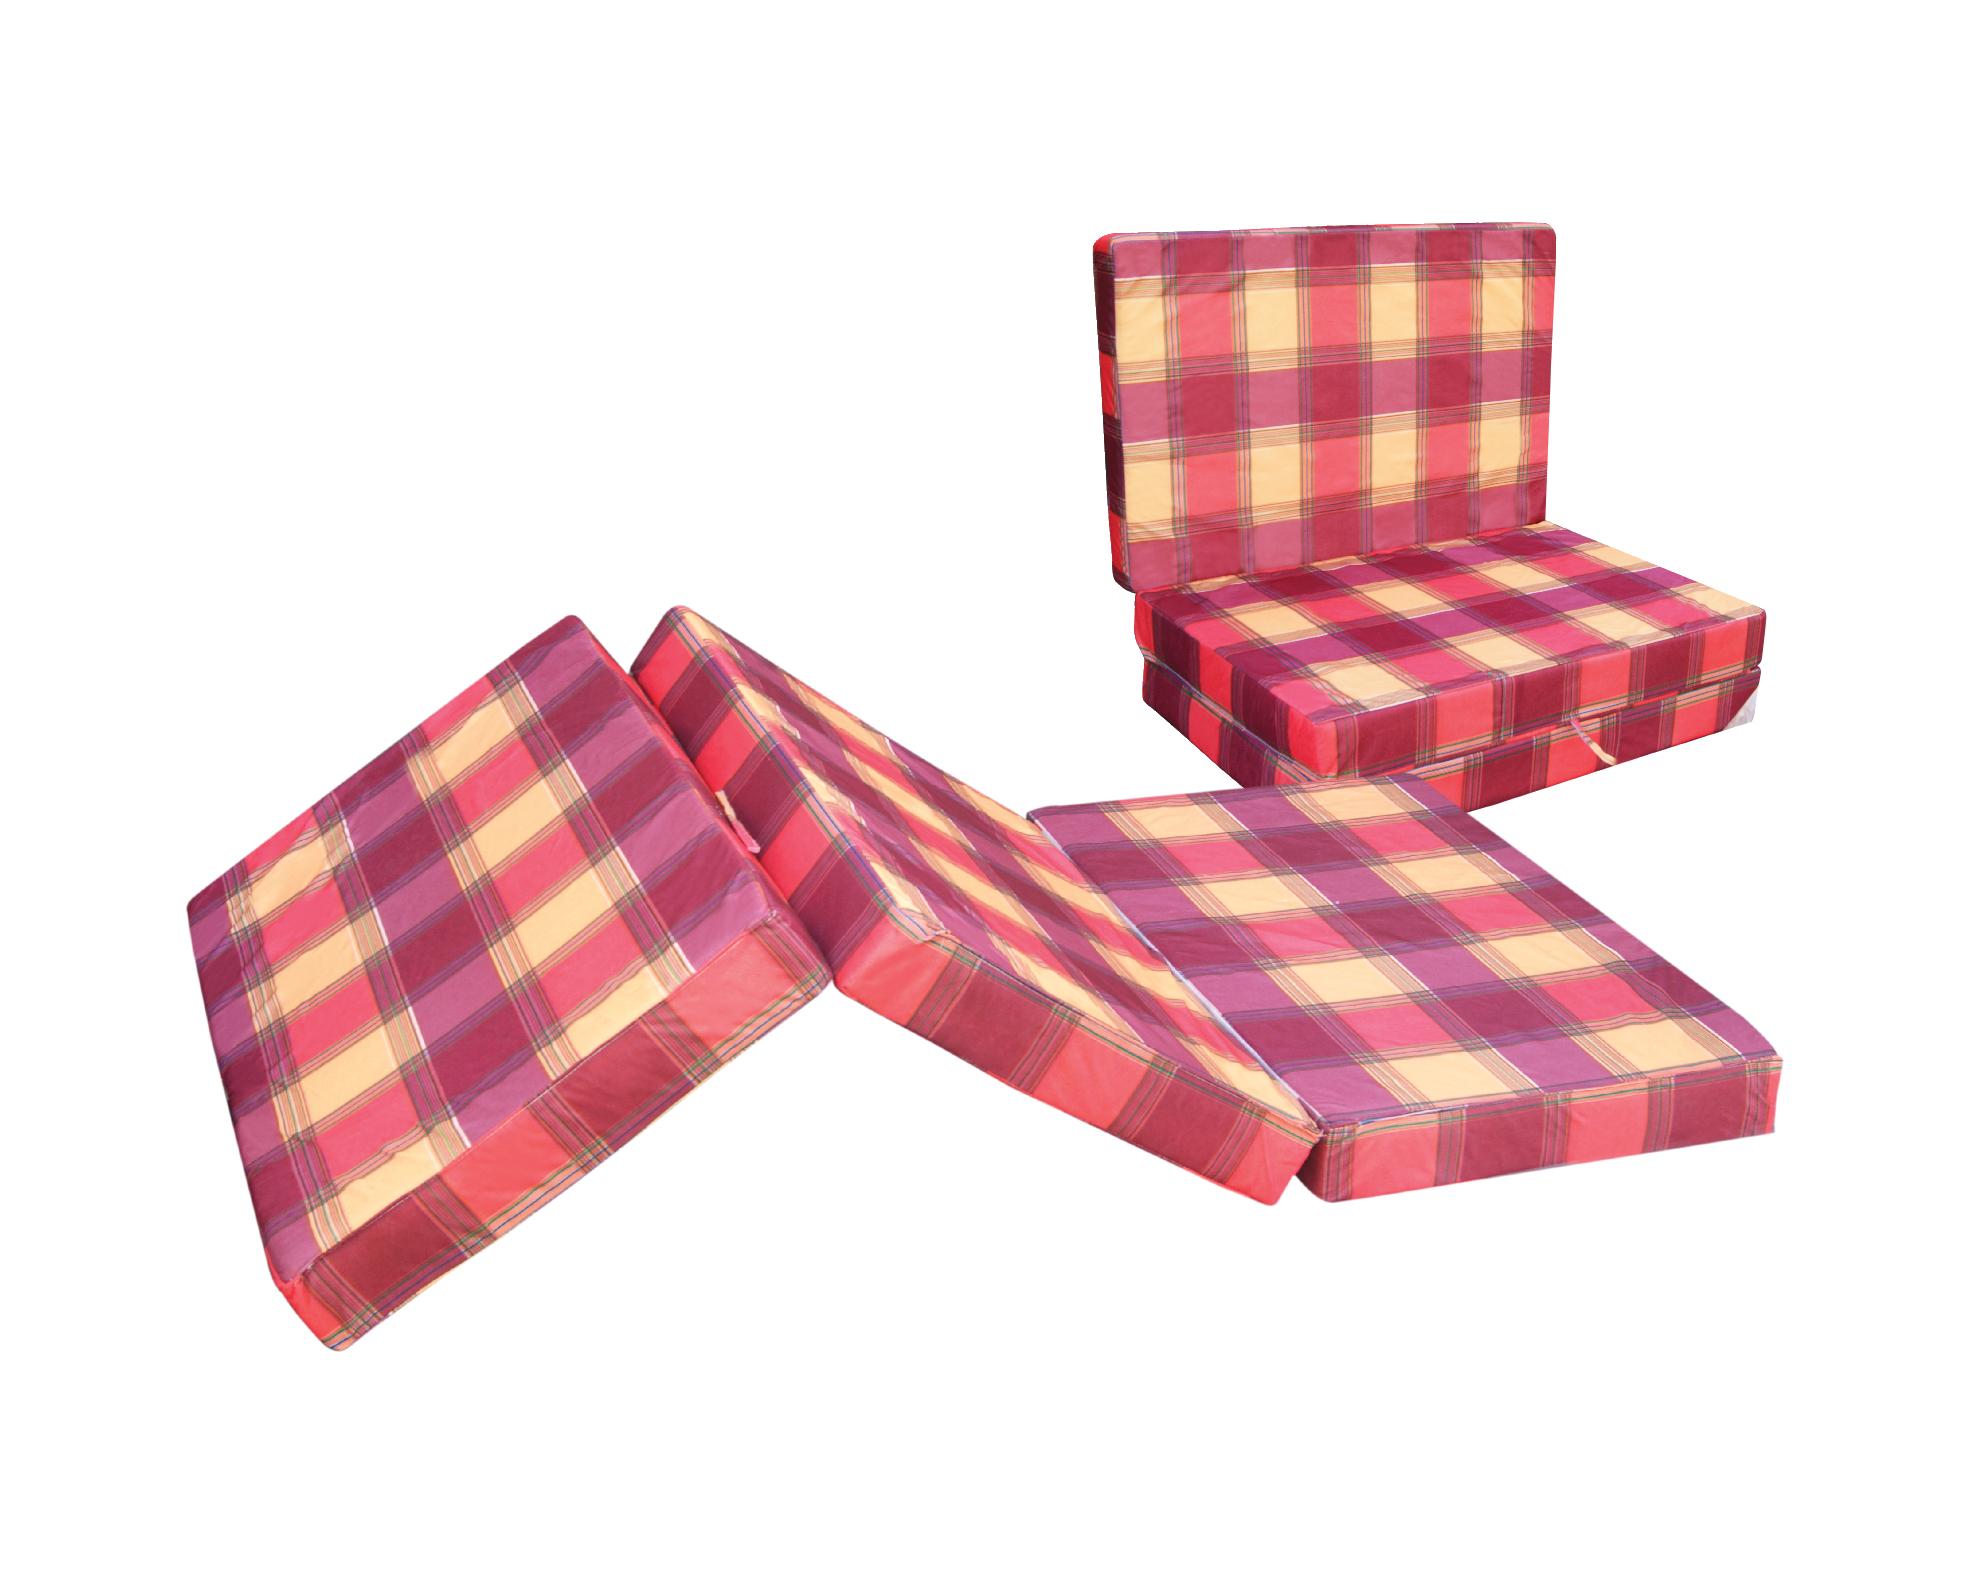 Deluxe Folding Mattress